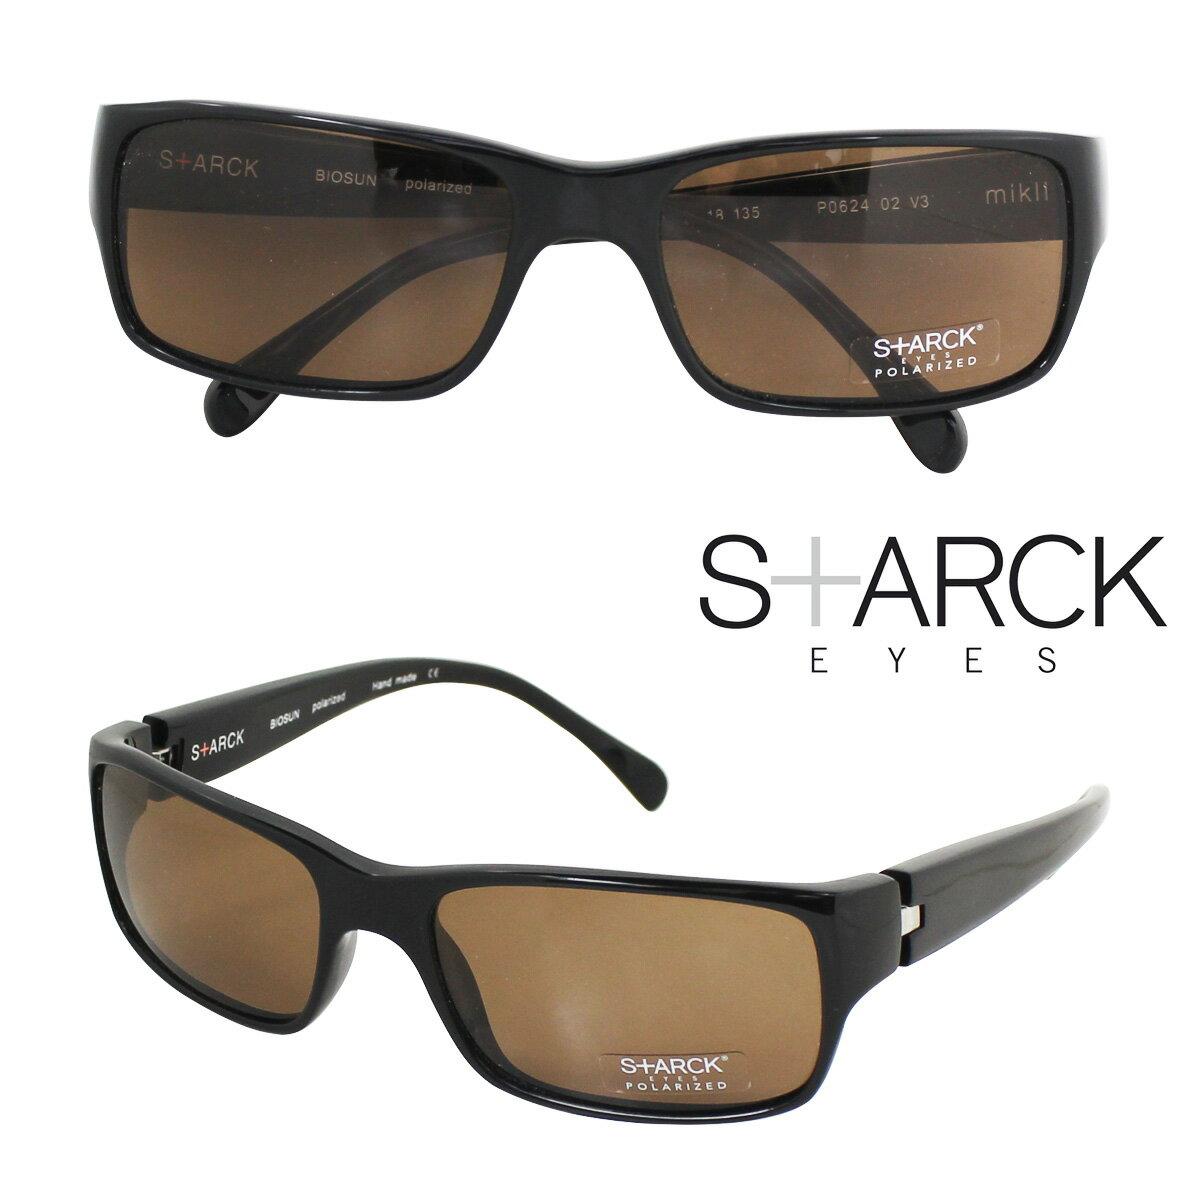 【最大2000円OFFクーポン ポイント最大32倍】 スタルクアイズ STARCK EYES アランミクリ サングラス メガネ 眼鏡 フランス製 メンズ レディース 【返品不可】